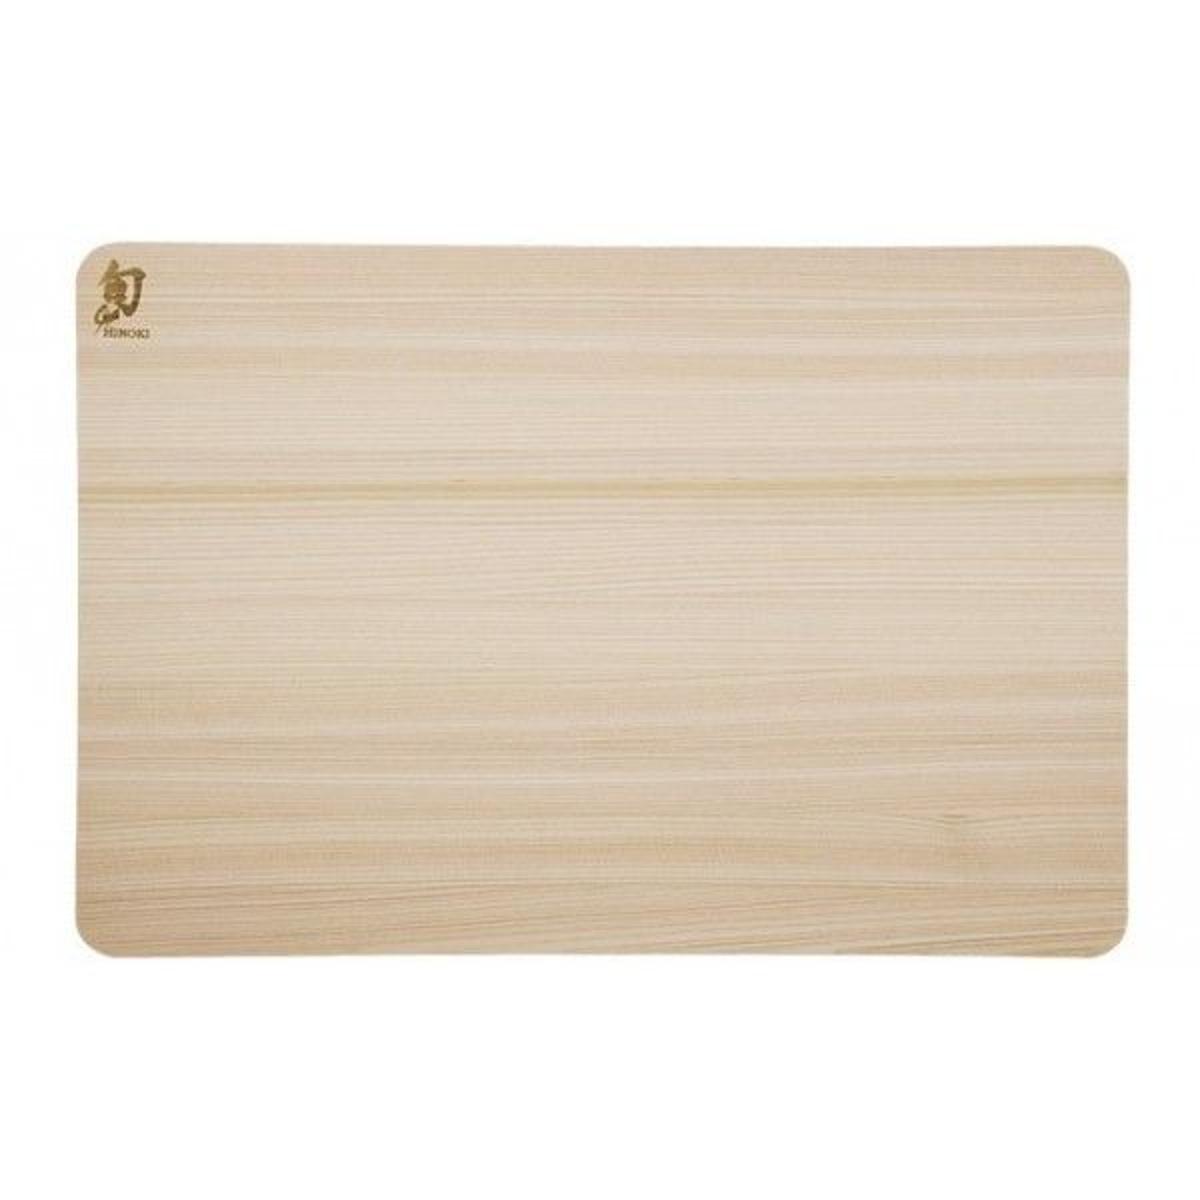 Planche KAI en bois de hinoki - Grand modèle